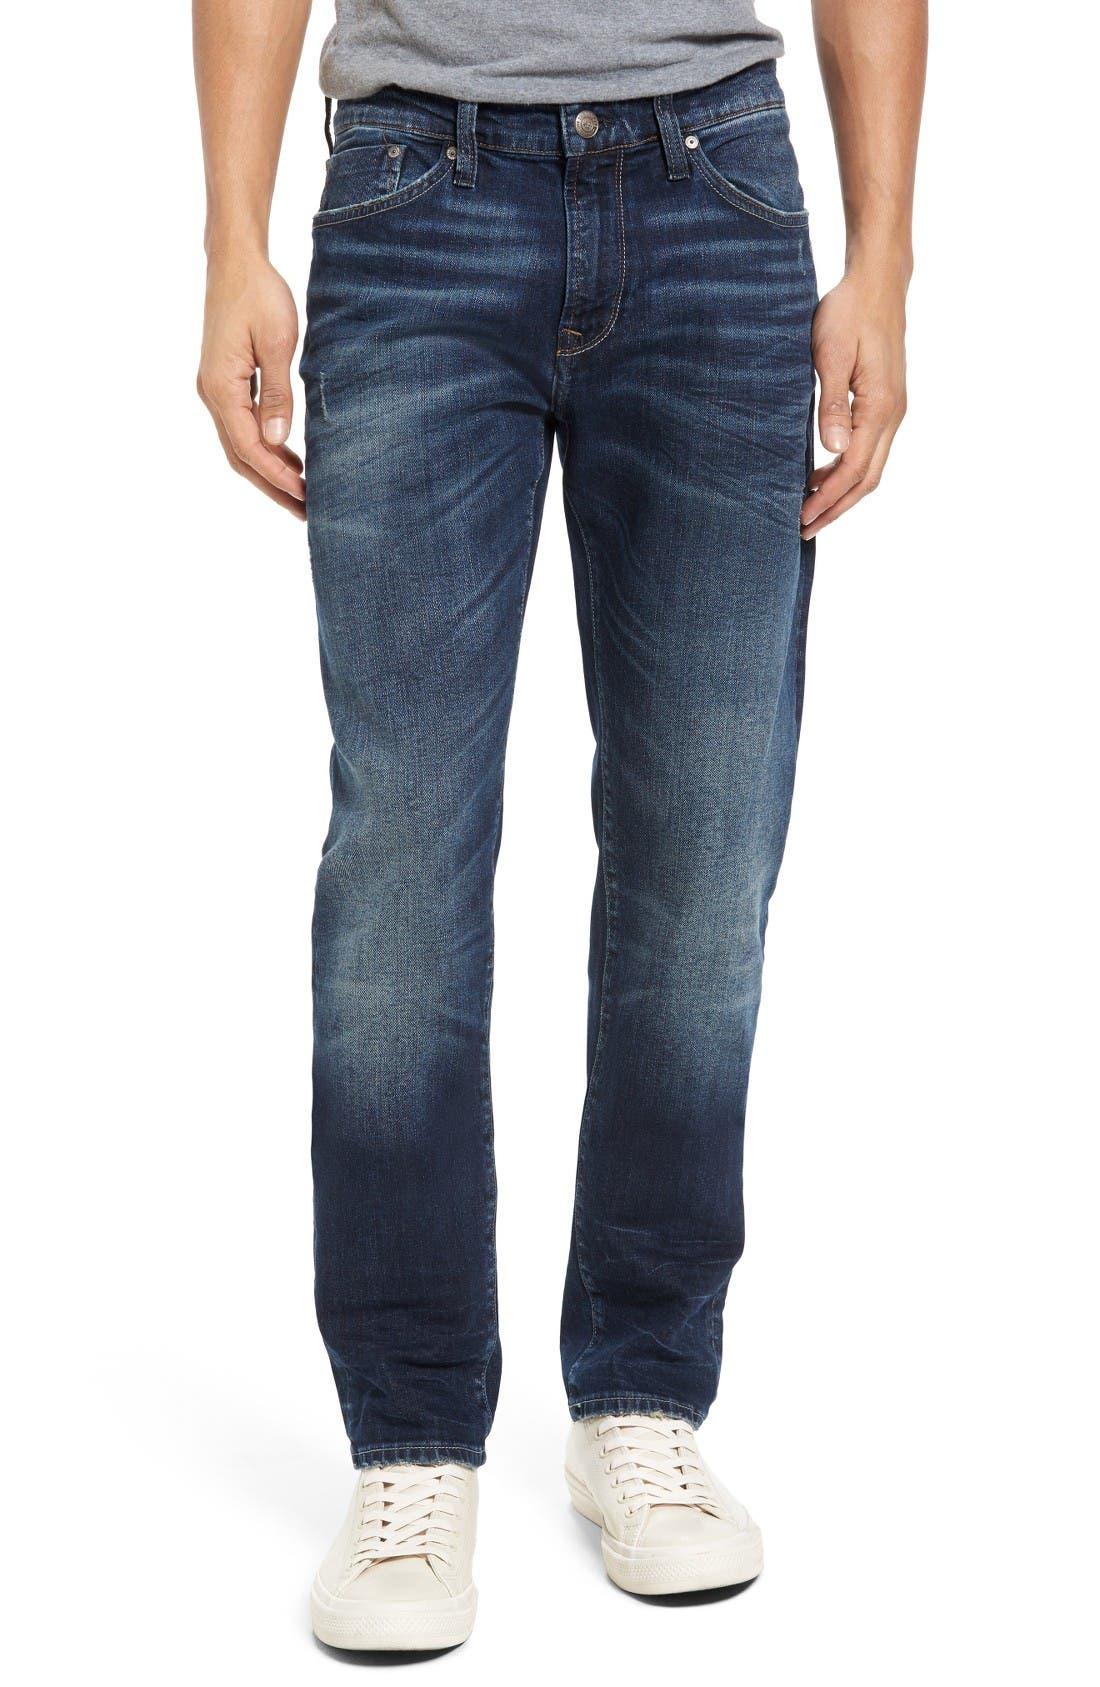 Mavi Jeans Jake Easy Slim Fit Jeans (Dark Ripped)